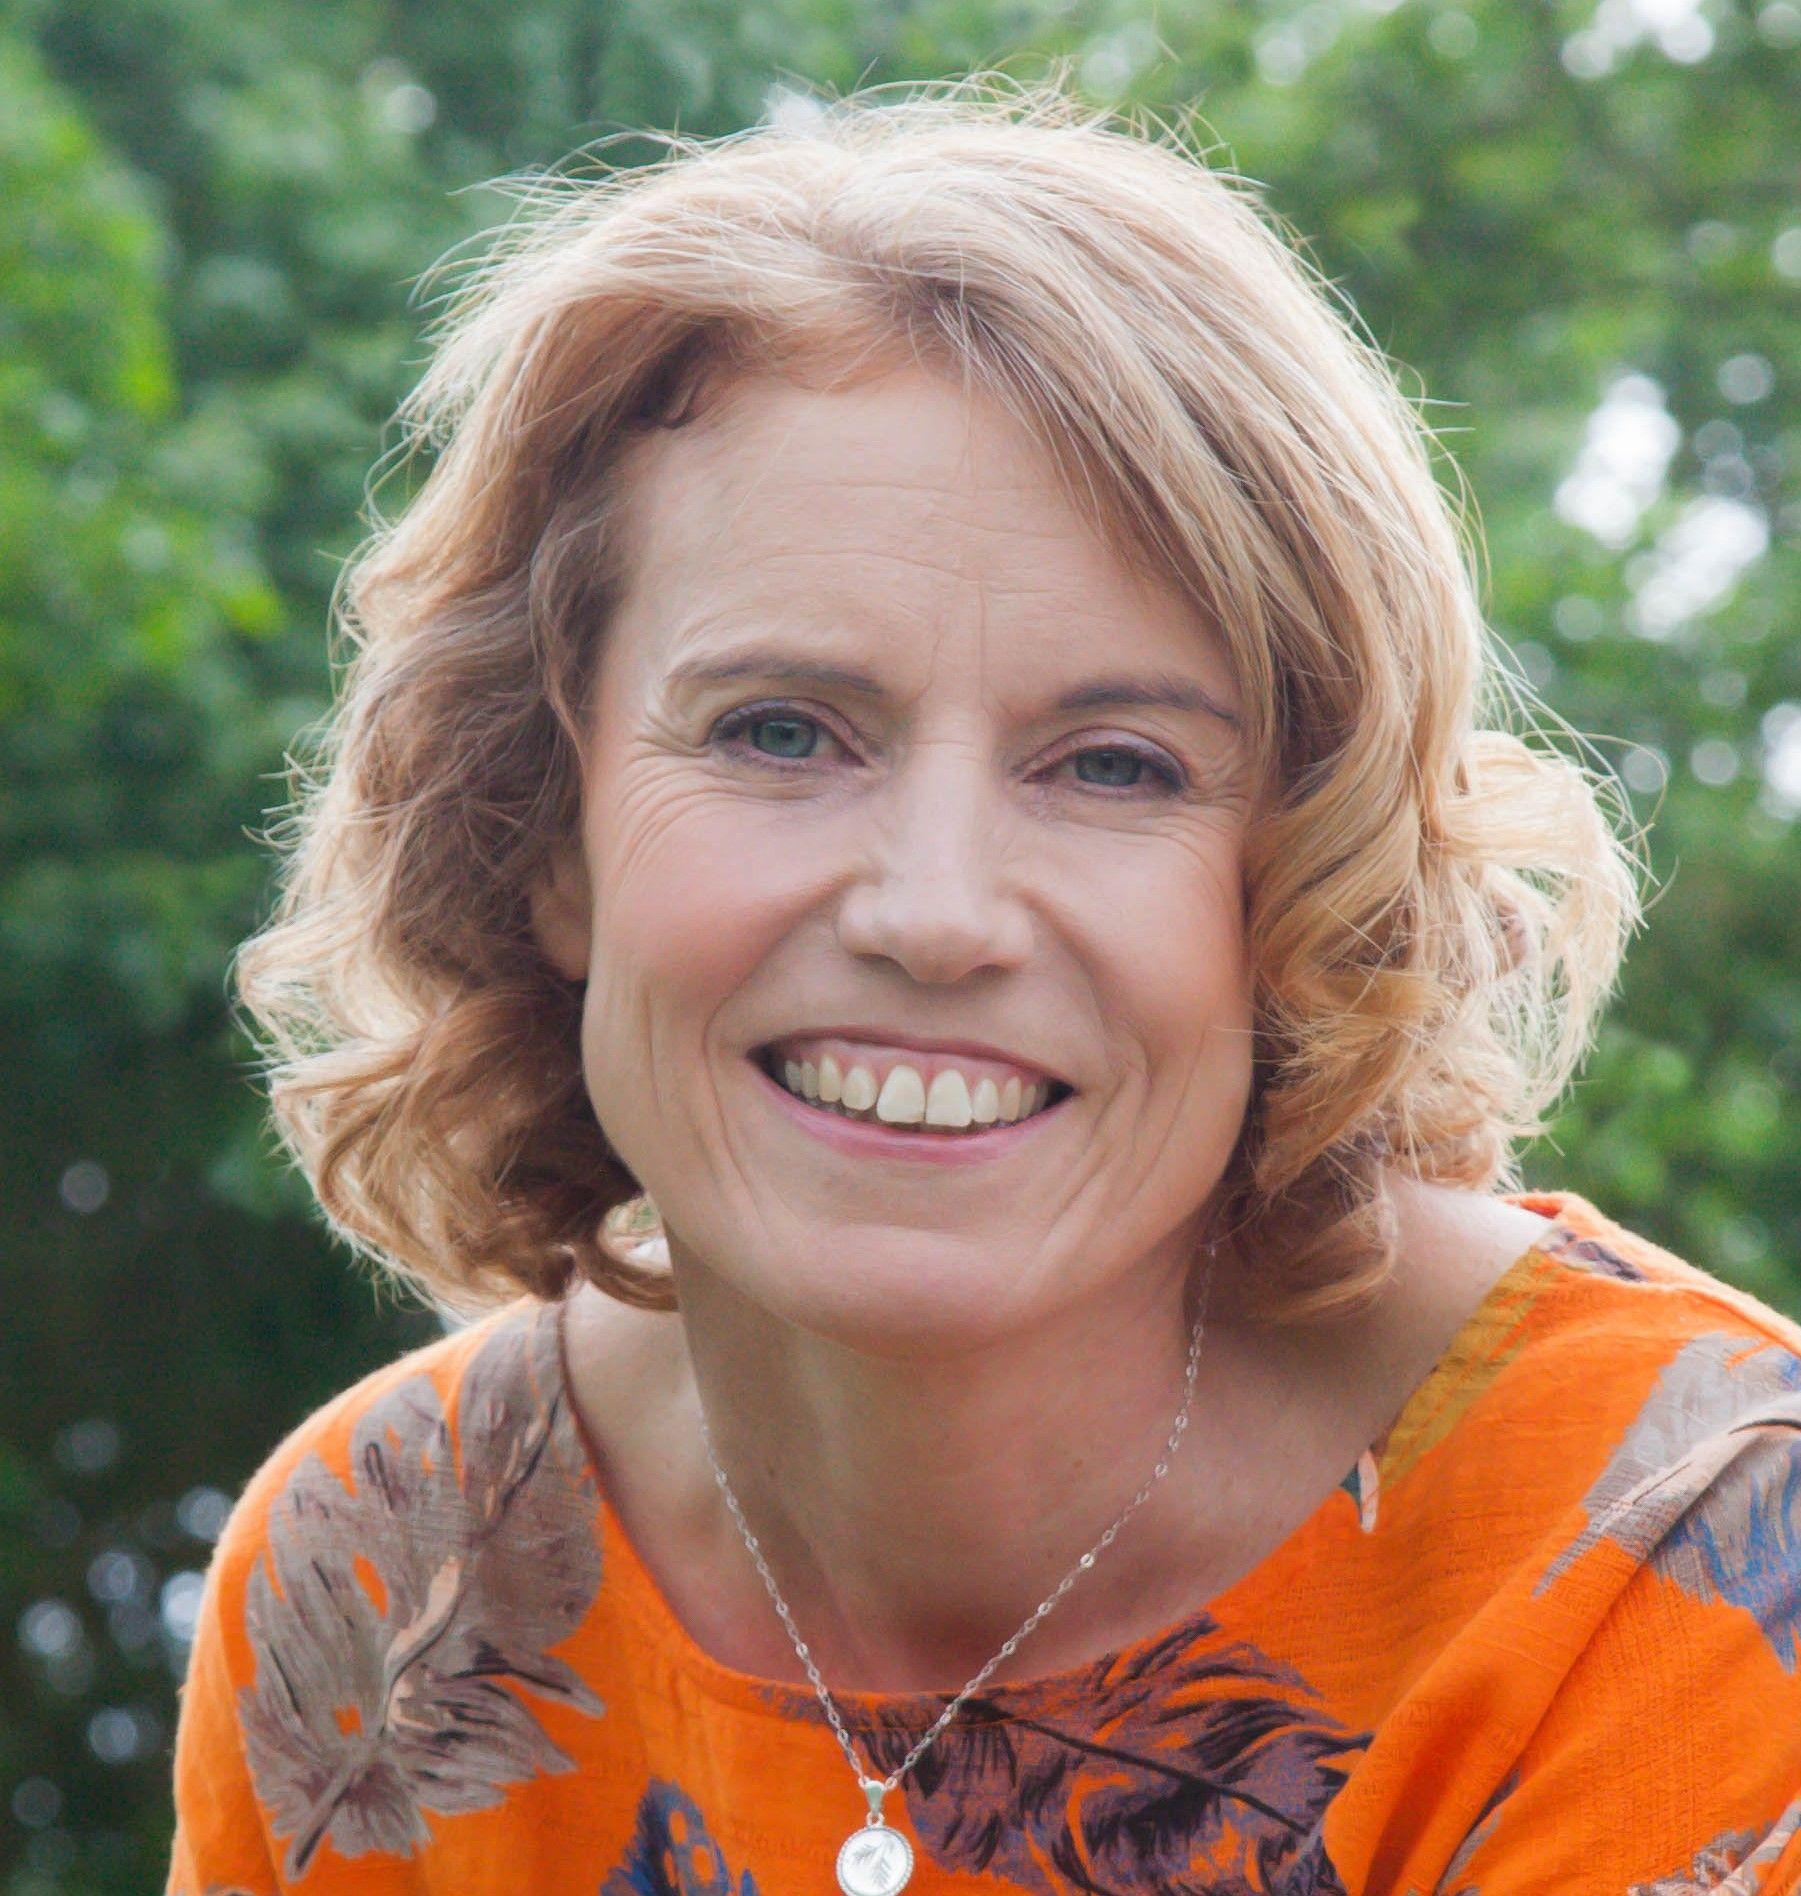 The coaching and mindset expert - Gina Dallison